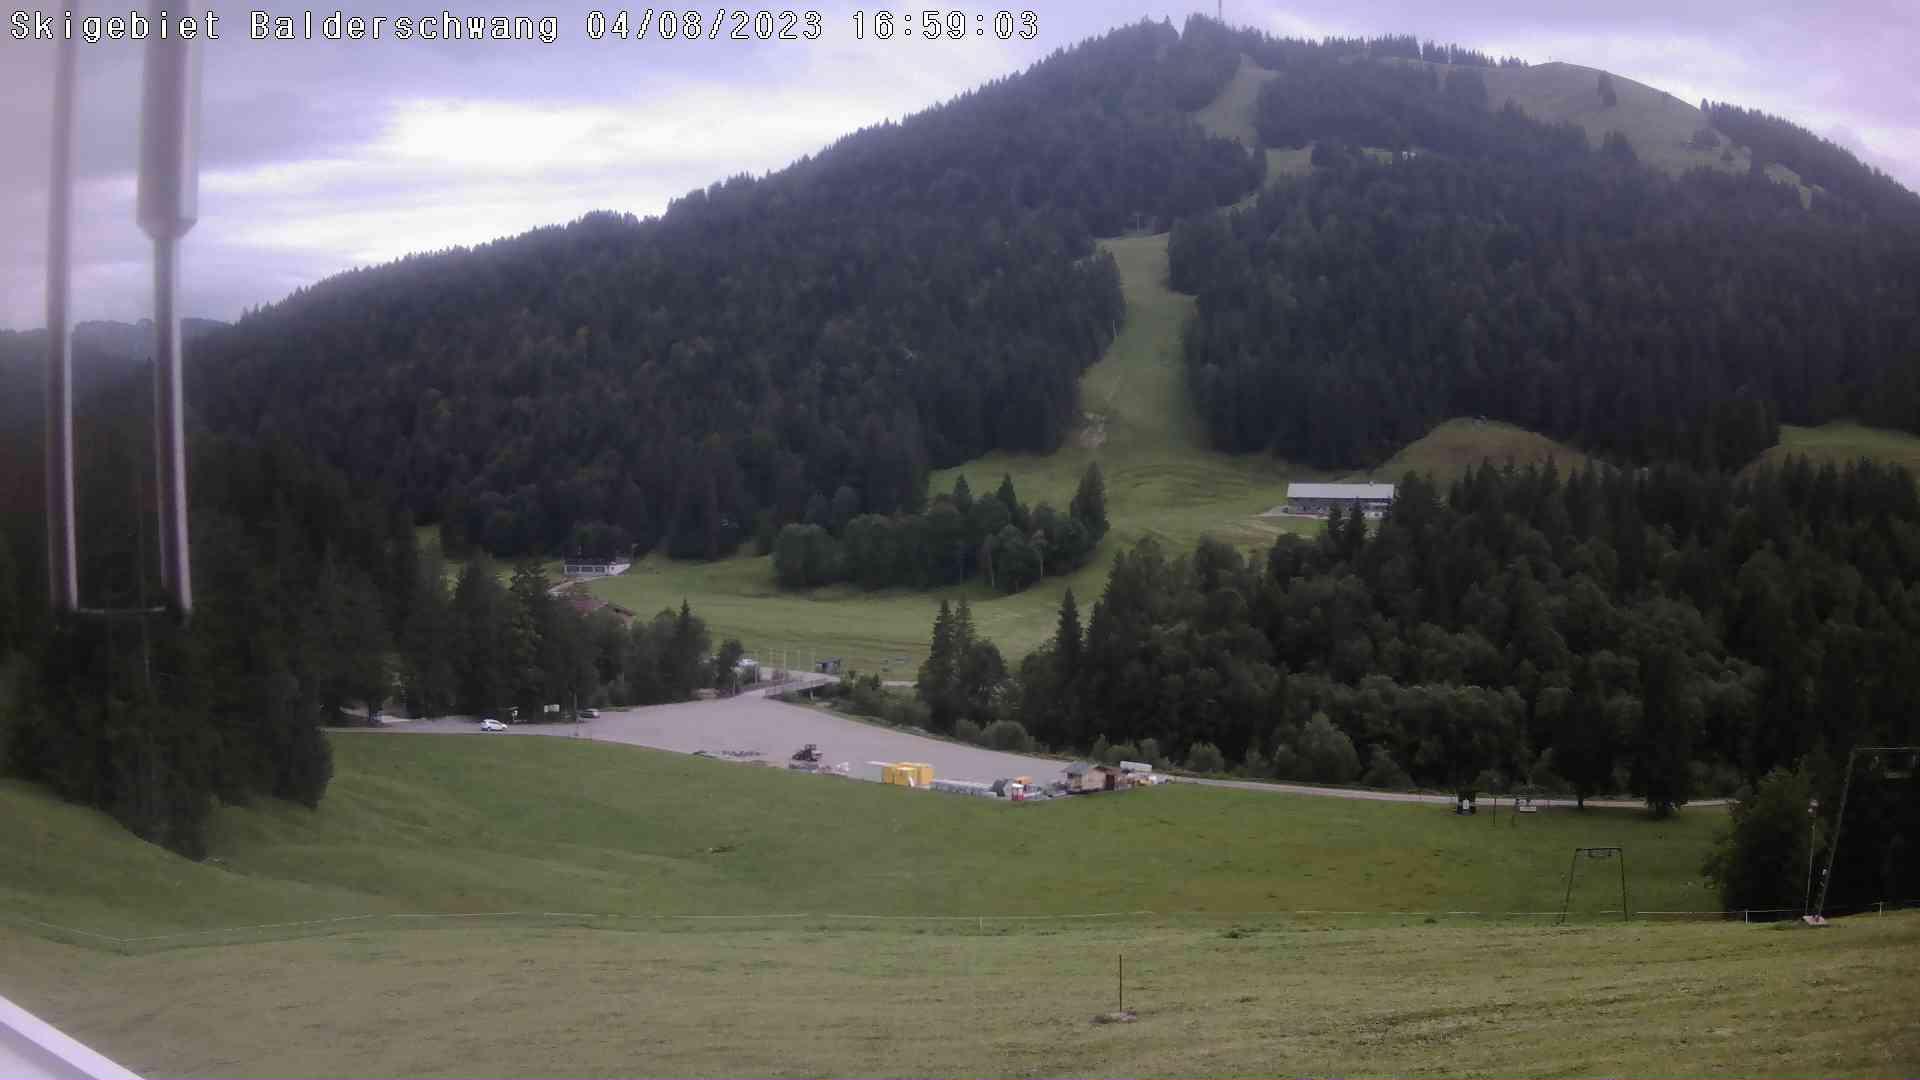 Bild der Webcam Bergbahnen Balderschwang